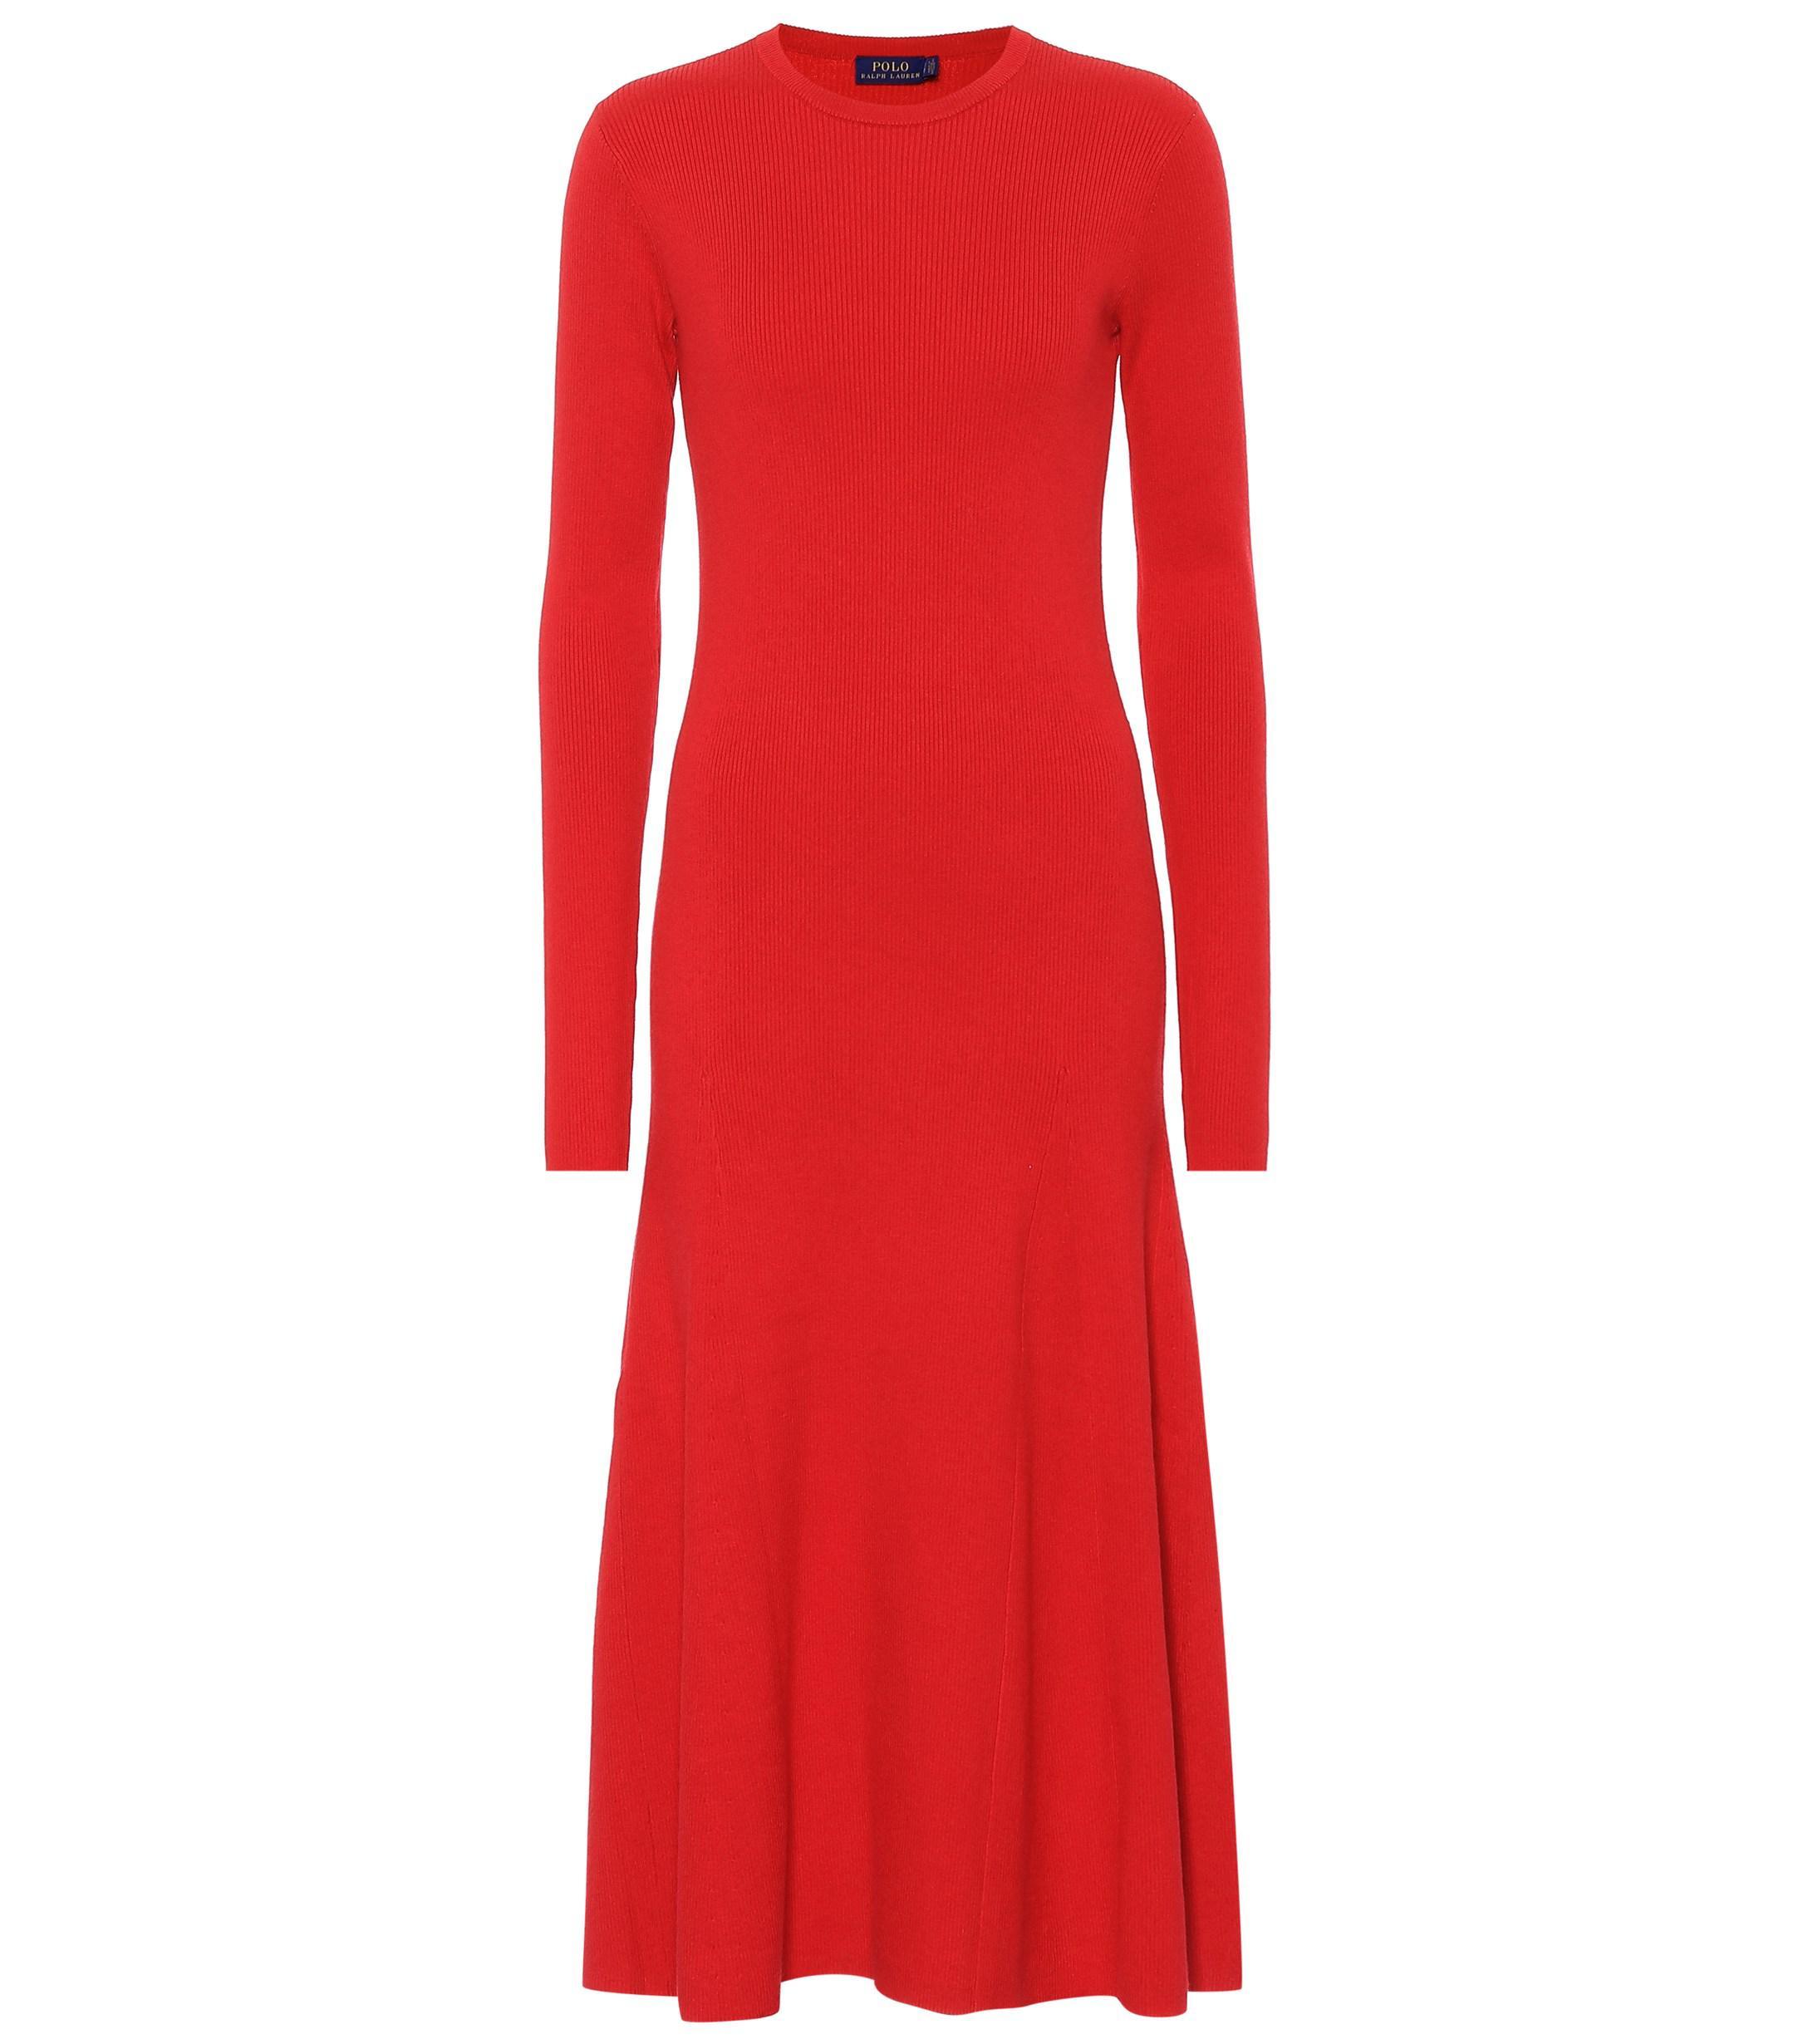 cc2ec51c88da Polo Ralph Lauren - Red Cotton-blend Knit Dress - Lyst. View fullscreen